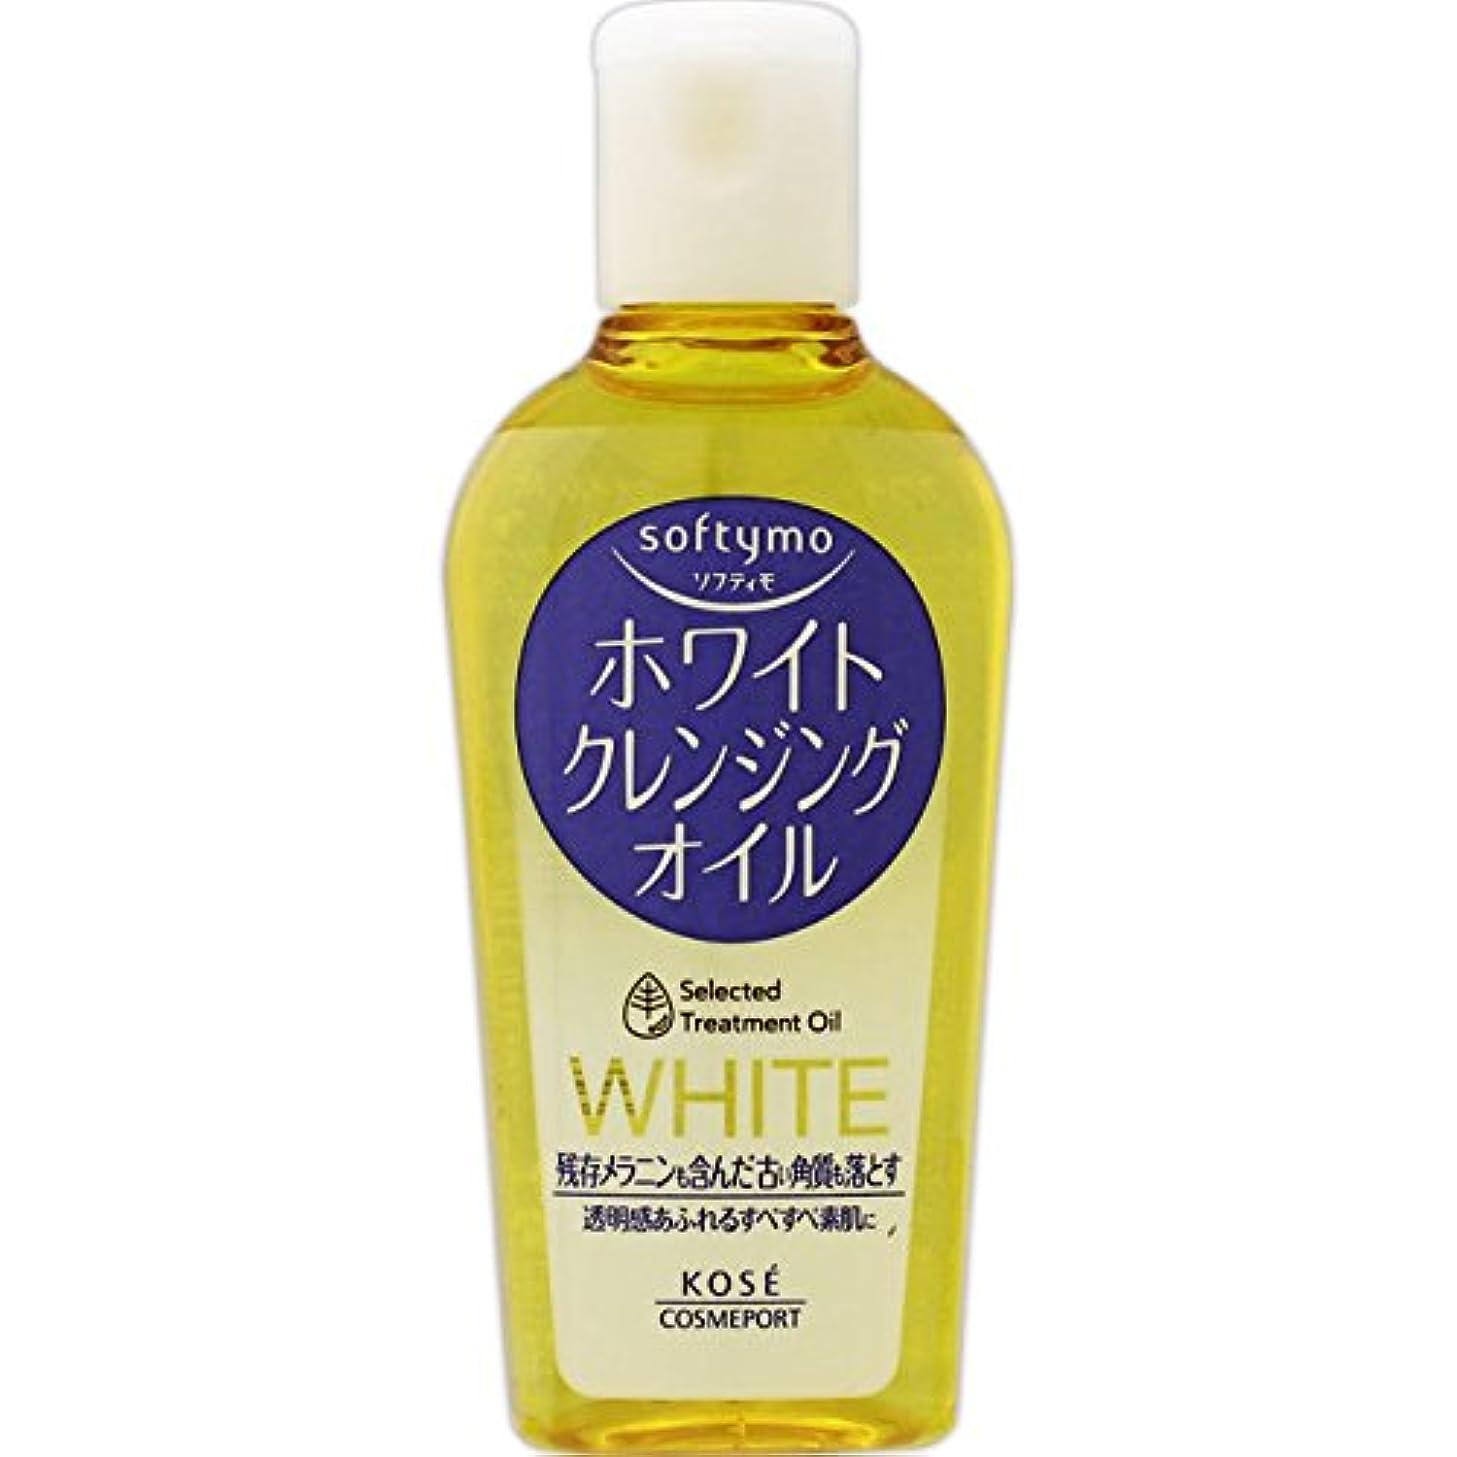 影のある印象的な今日コーセー ソフティモ ホワイト クレンジングオイル 60ml